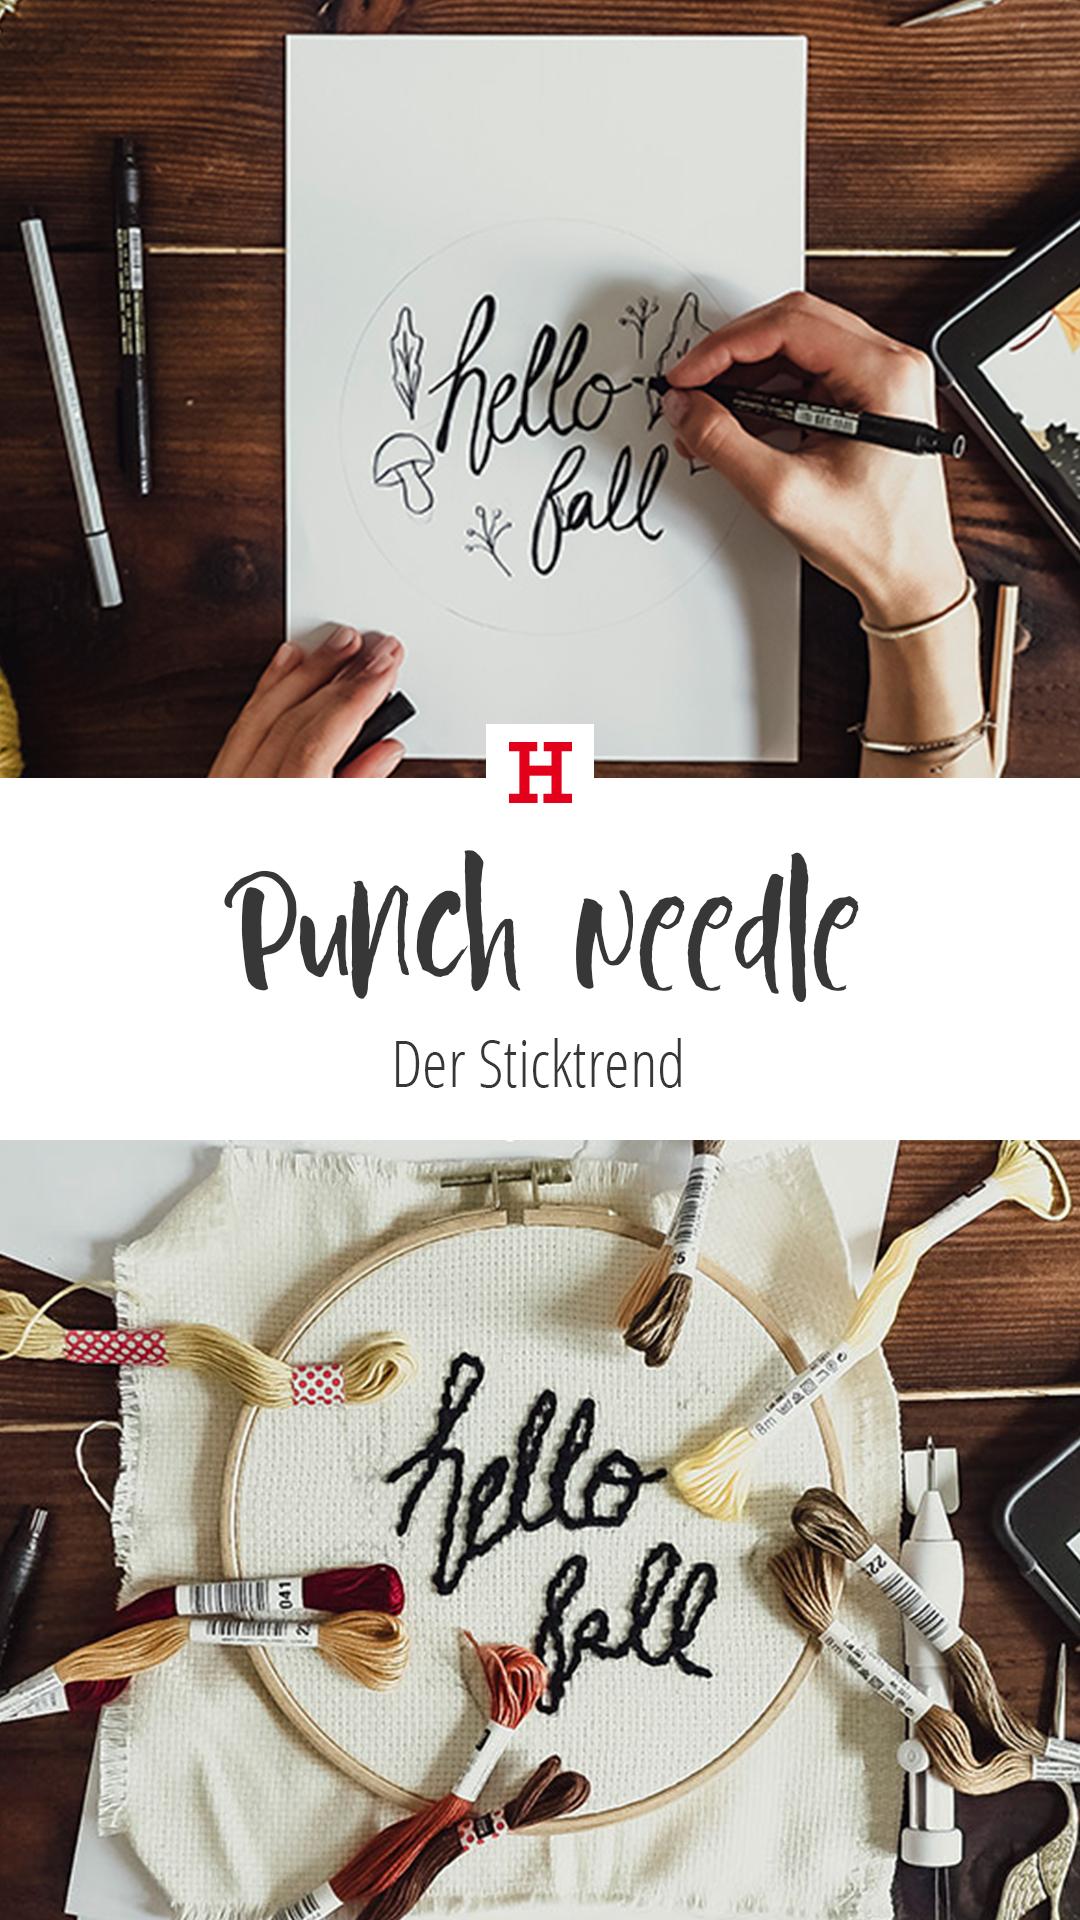 Punch Needle ist der neue Sticktrend. Wie Sie sich für zu Hause diesen individuellen Wandschmuck zaubern, zeigen wir Ihnen im Magazin.   #meinhöffi #höffner#hoeffner #moebelhoeffner #solebich #germaninteriorbloggers #interiorforyou #homedetails #wohnidee #wohnen #Einrichtung #Möbel #instahome #interior_design #zeigdein_traumzuhause #interior123 #einrichten #deko #Dekoration #zuhause #shopthelook #diy #punchneedle